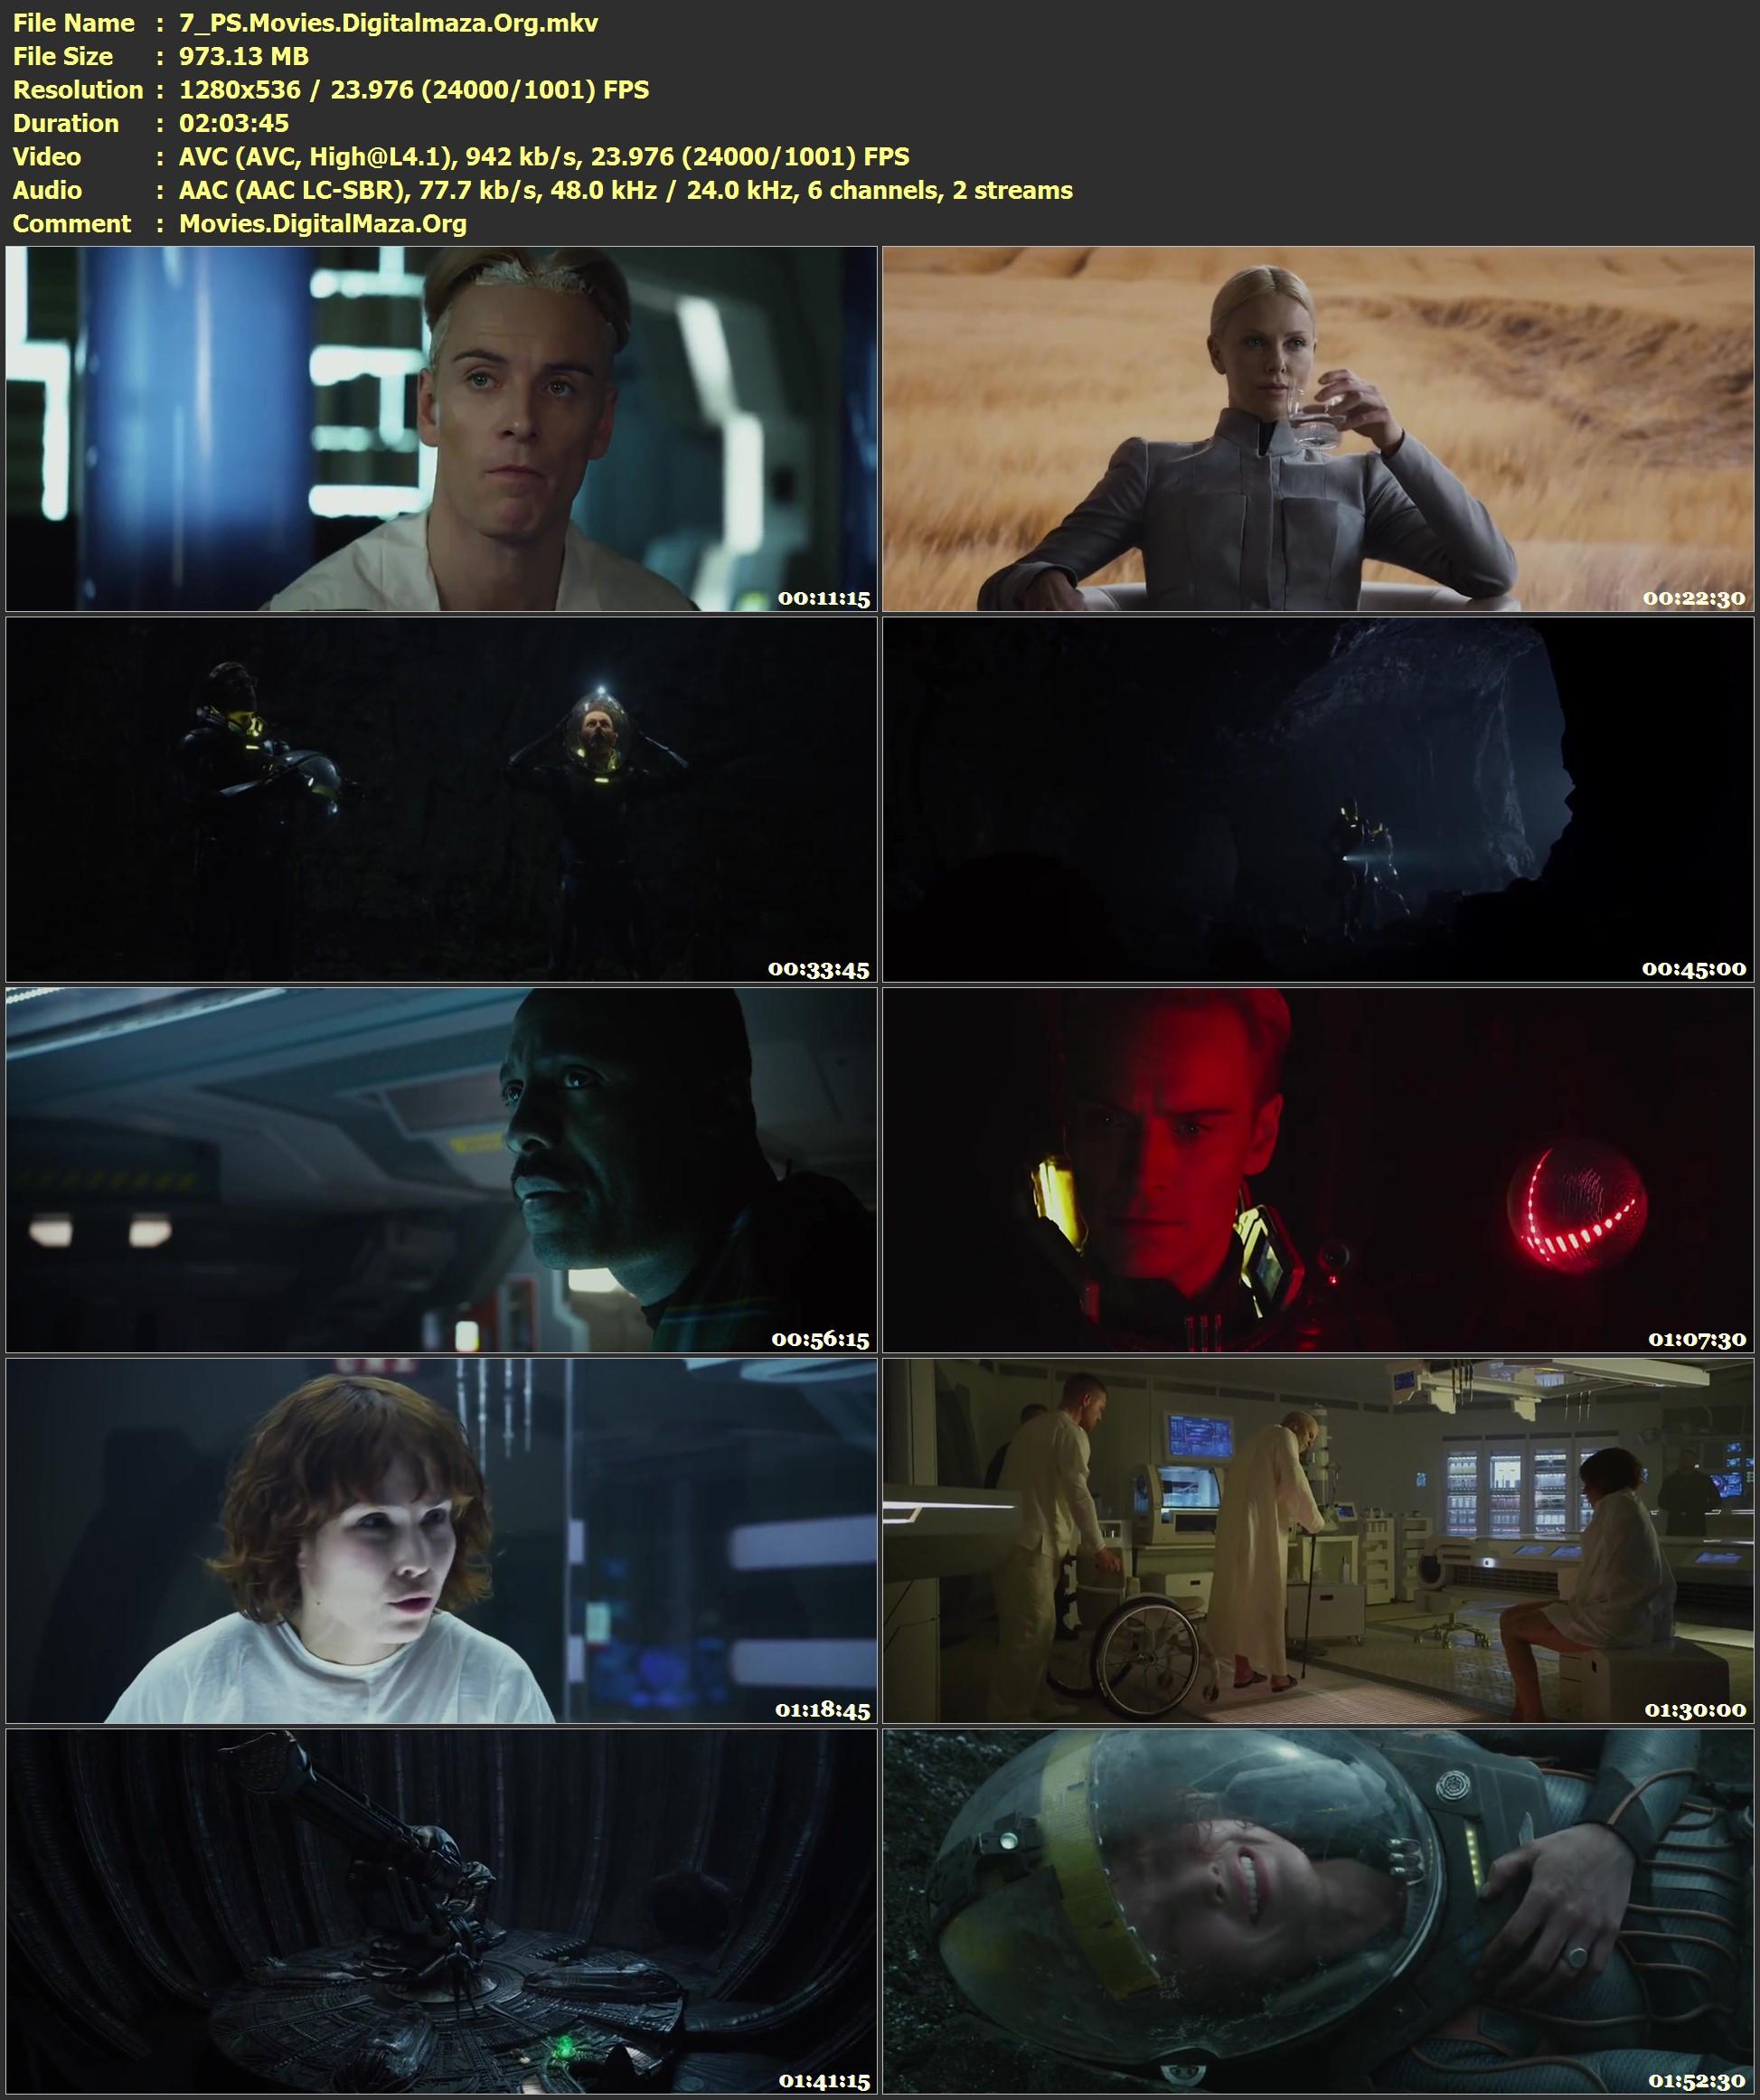 https://image.ibb.co/gELXFx/7_PS_Movies_Digitalmaza_Org_mkv.jpg